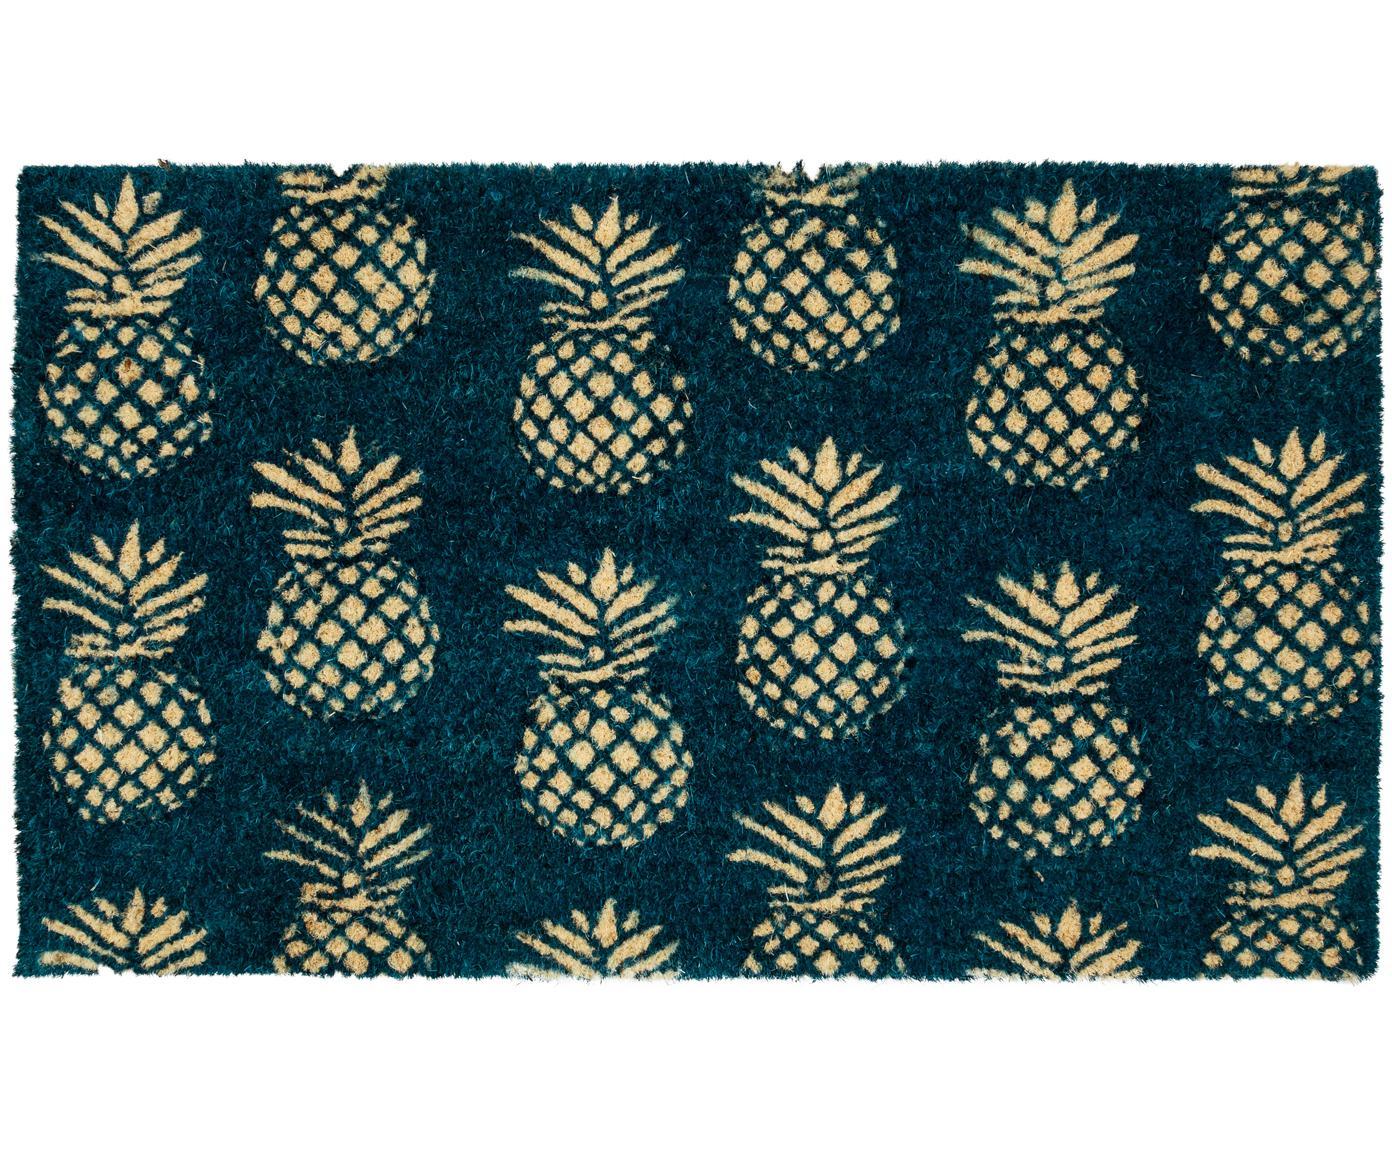 Fussmatte Pineapples, Vorderseite: Kokosfaser, Rückseite: PVC, Dunkelblau, Beige, 45 x 75 cm